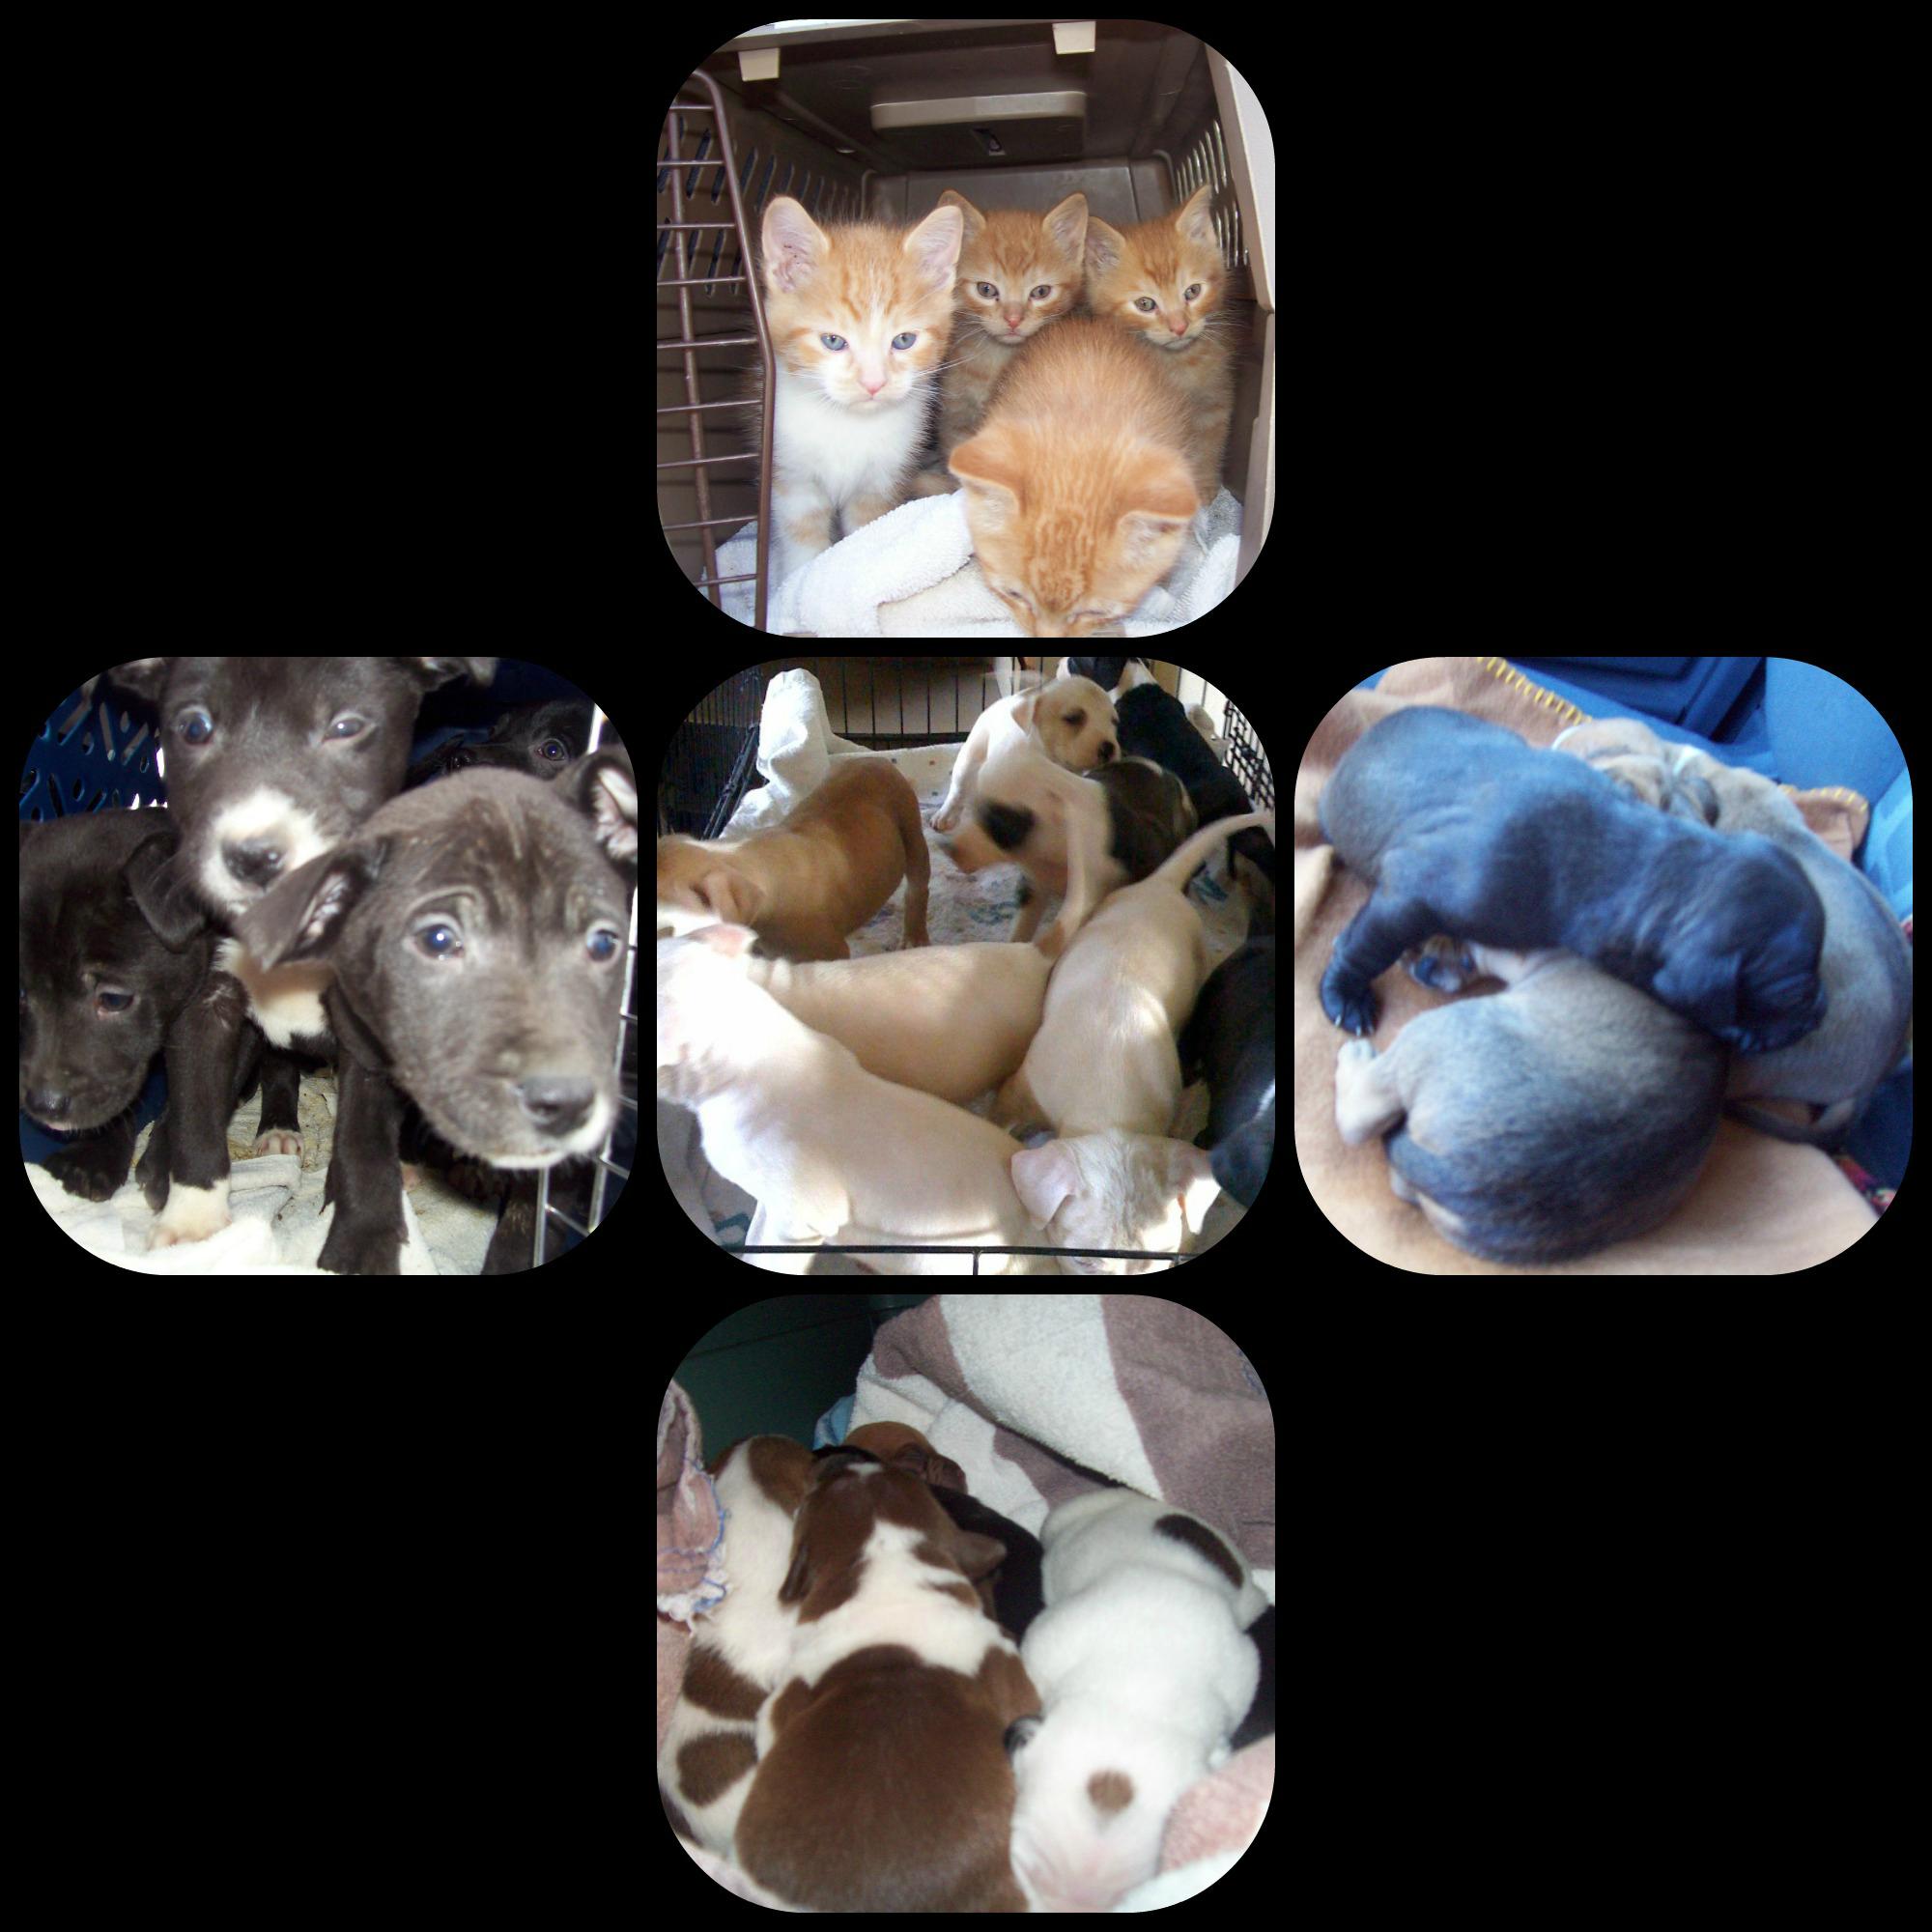 April 1 2013 PicMonkey Collage